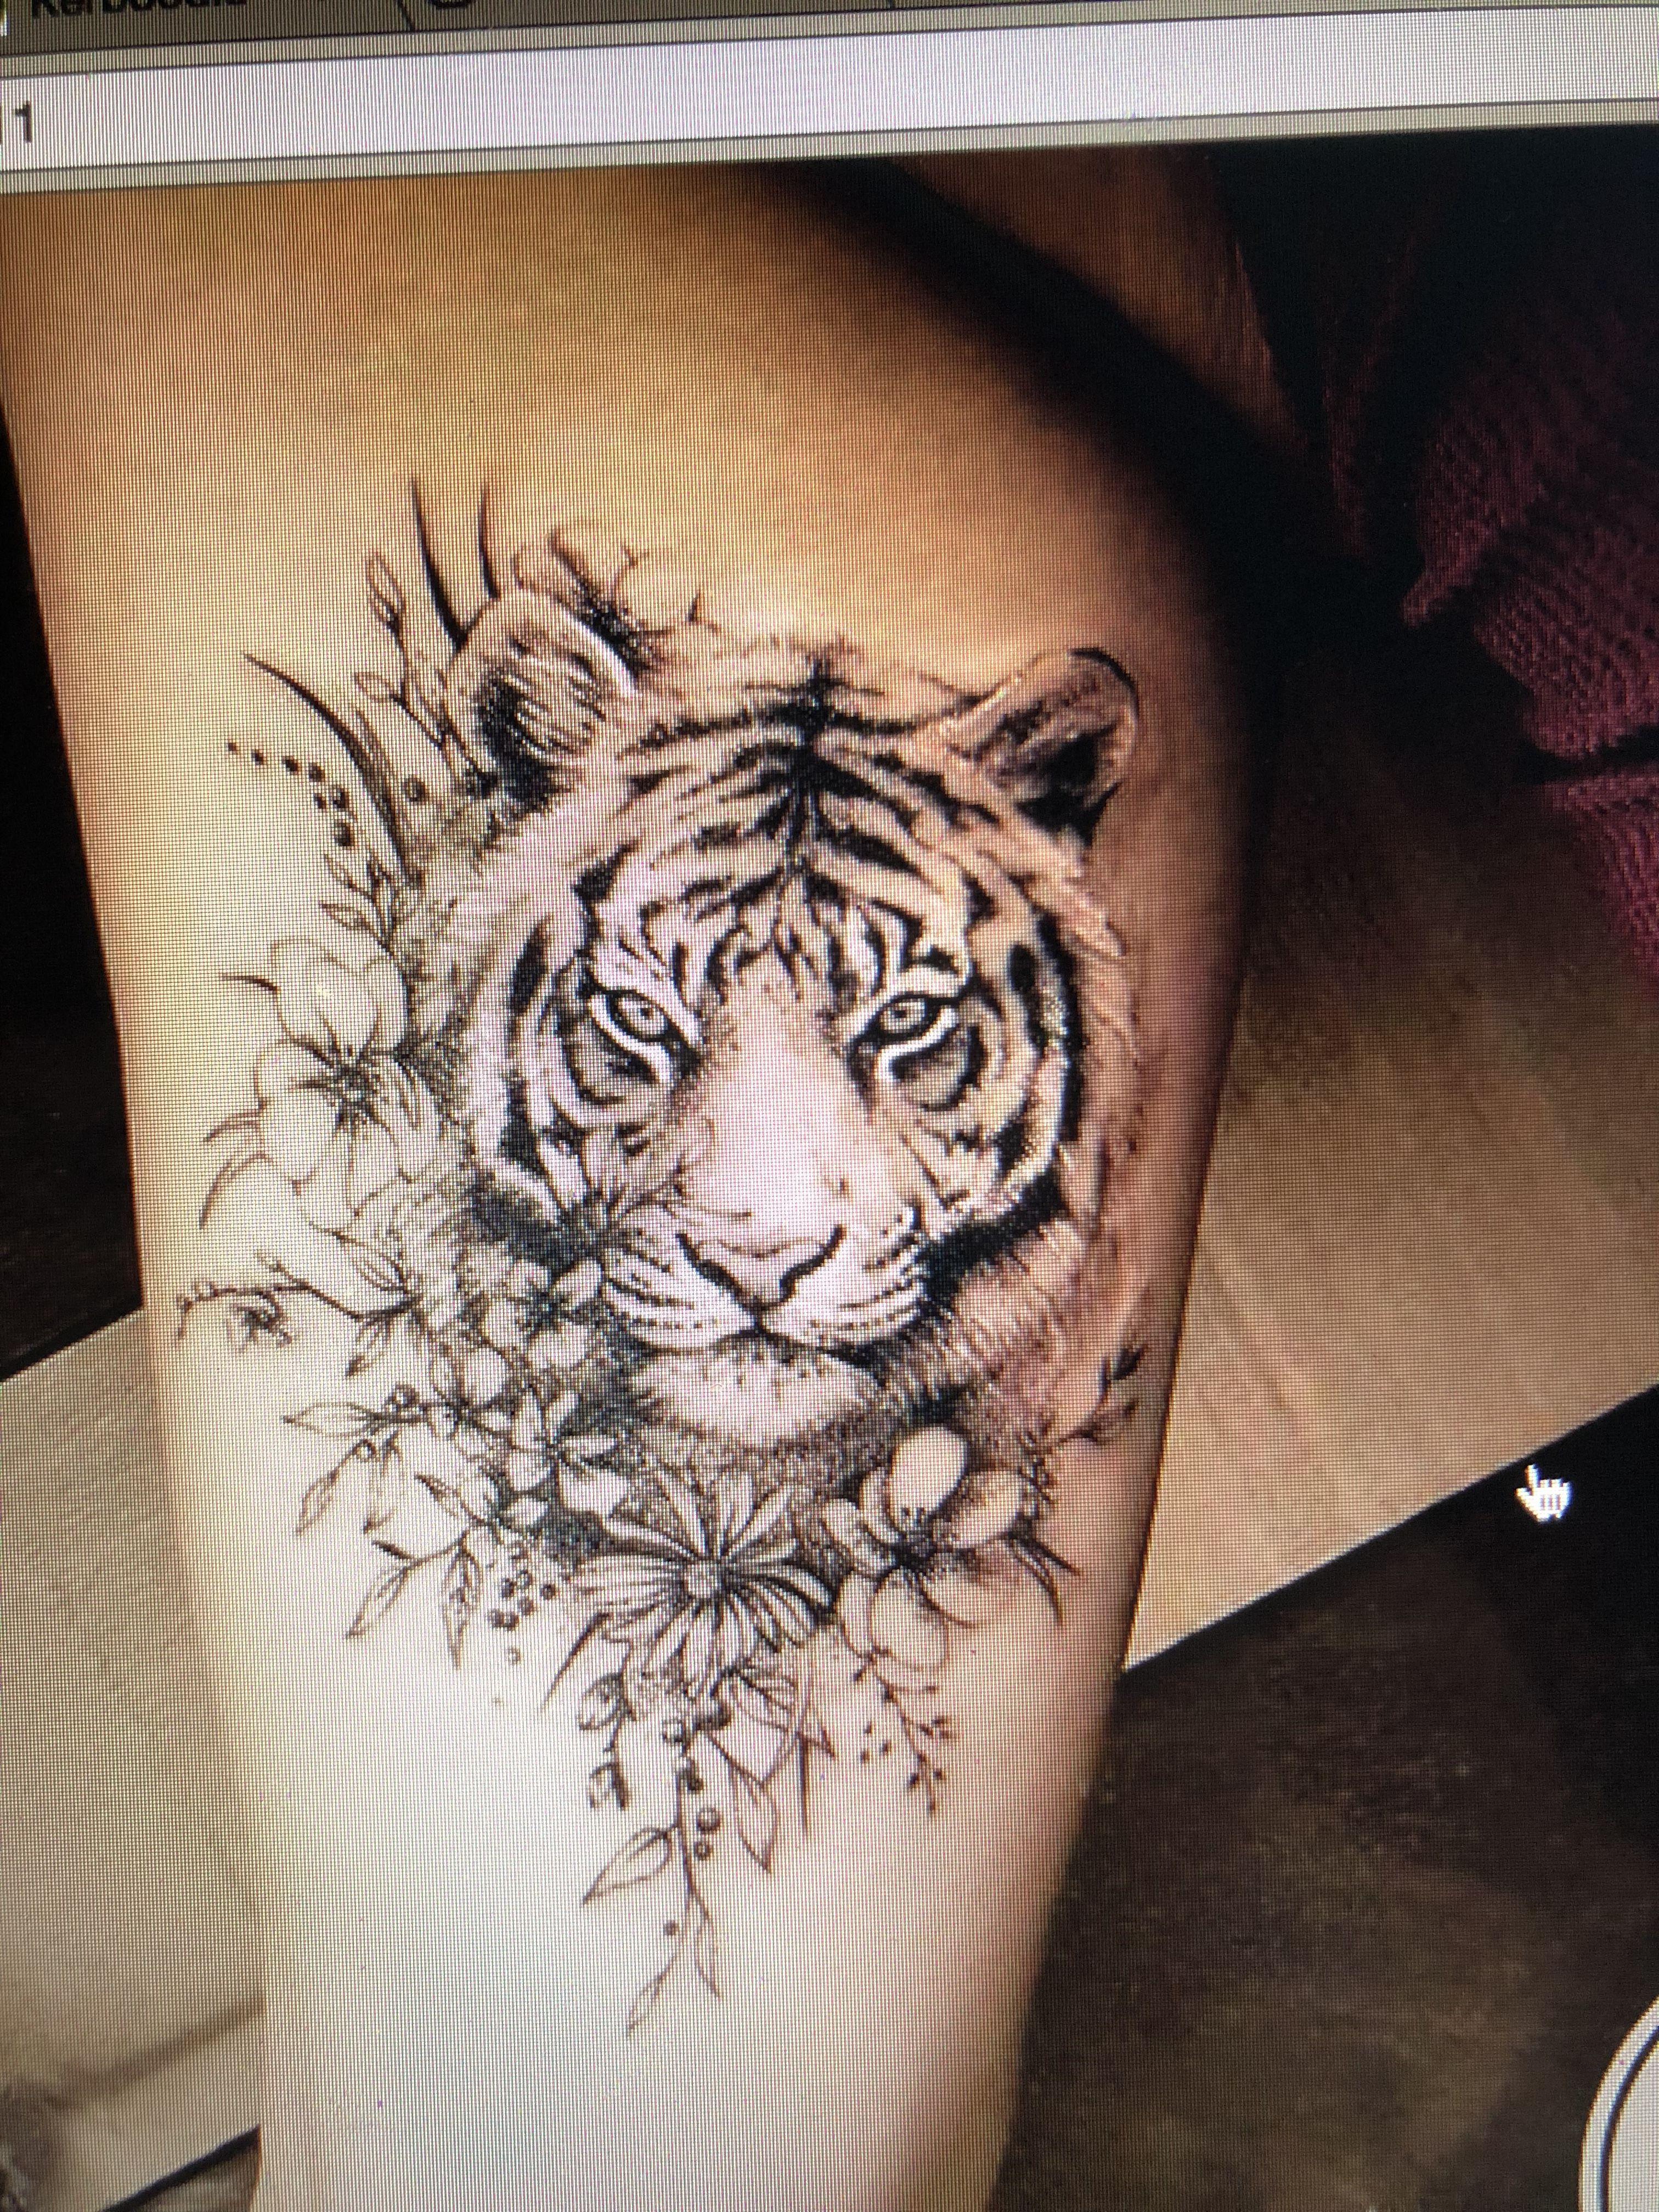 Pin By Jenny Lenh On Tattoo Ideas Animal Tattoos Tiger Tattoo Cute Best Friend Tattoos